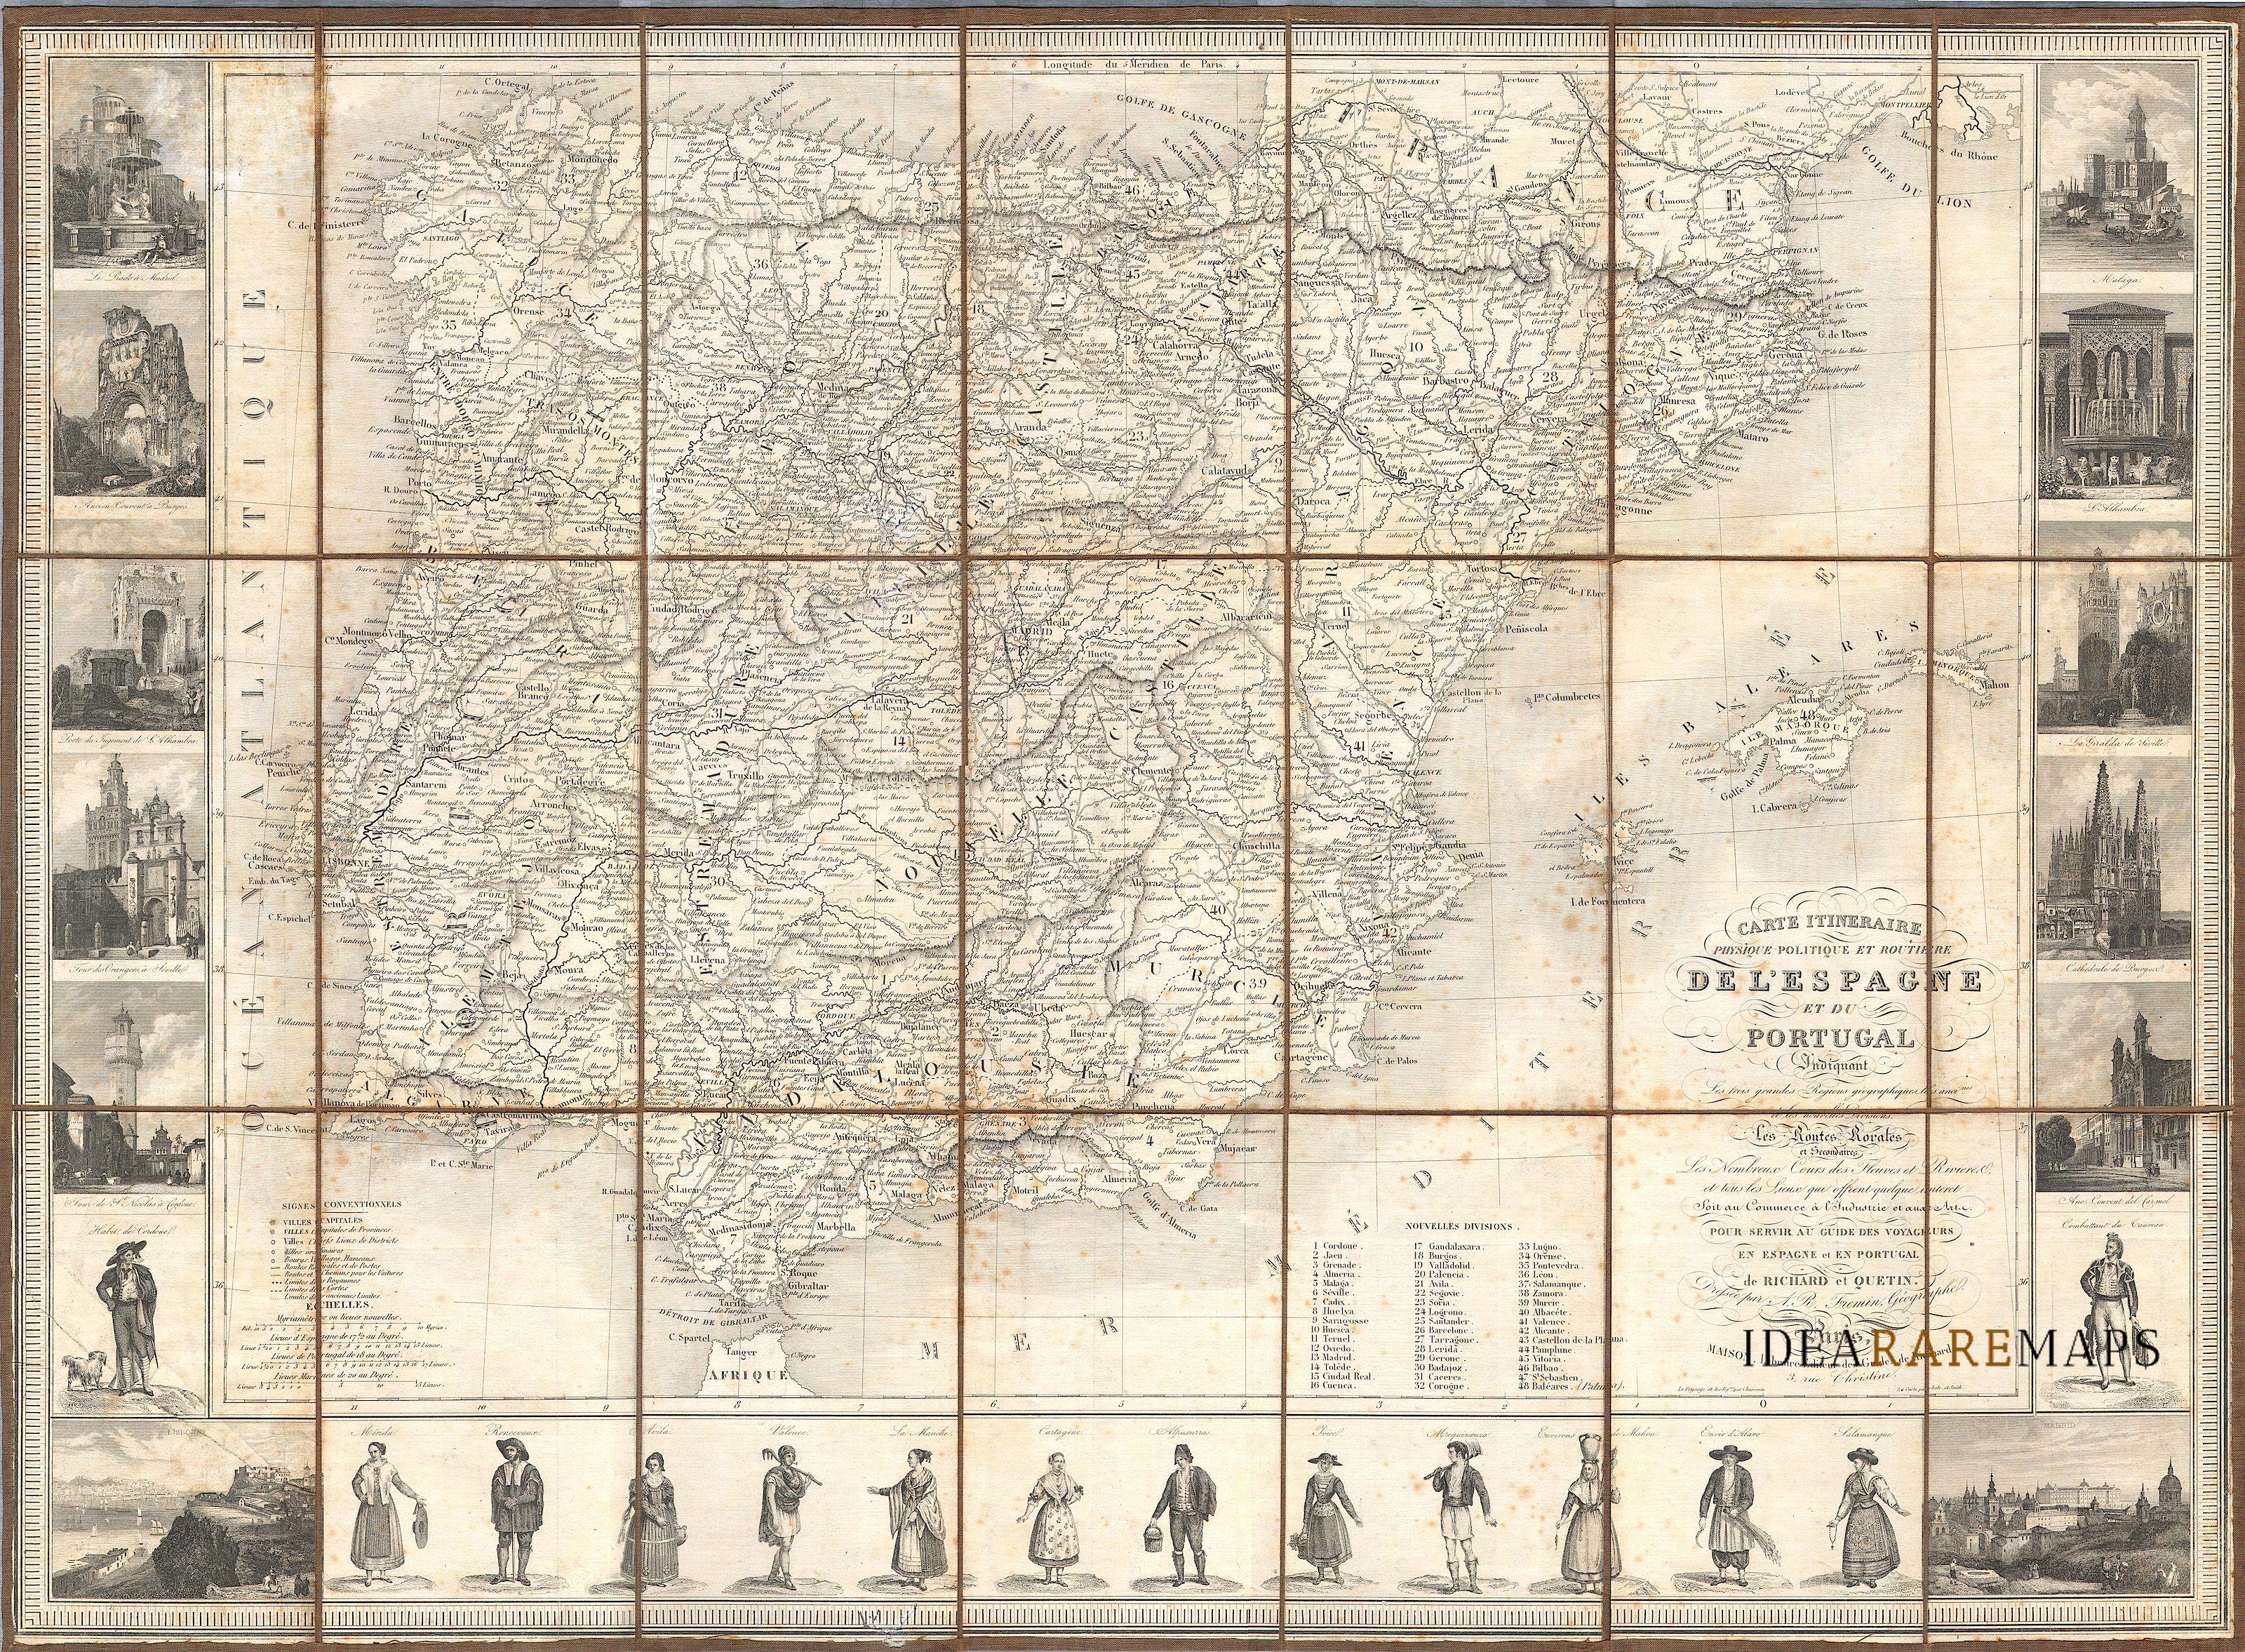 Cartina Muta Della Spagna E Del Portogallo.Spagna E Portogallo Archivi Idea Rare Maps